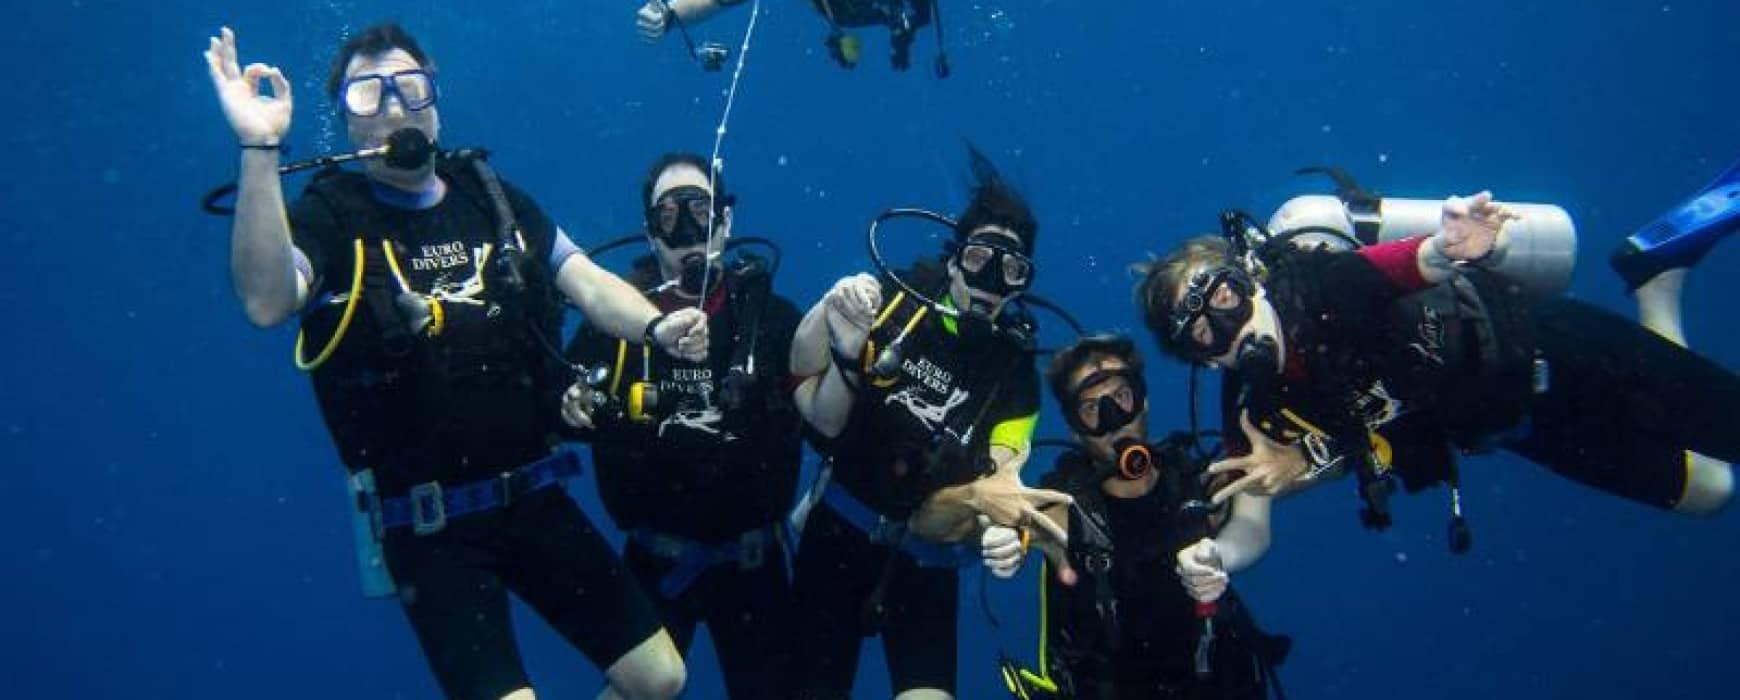 Euro-Divers au Salon de la Plongée à Paris